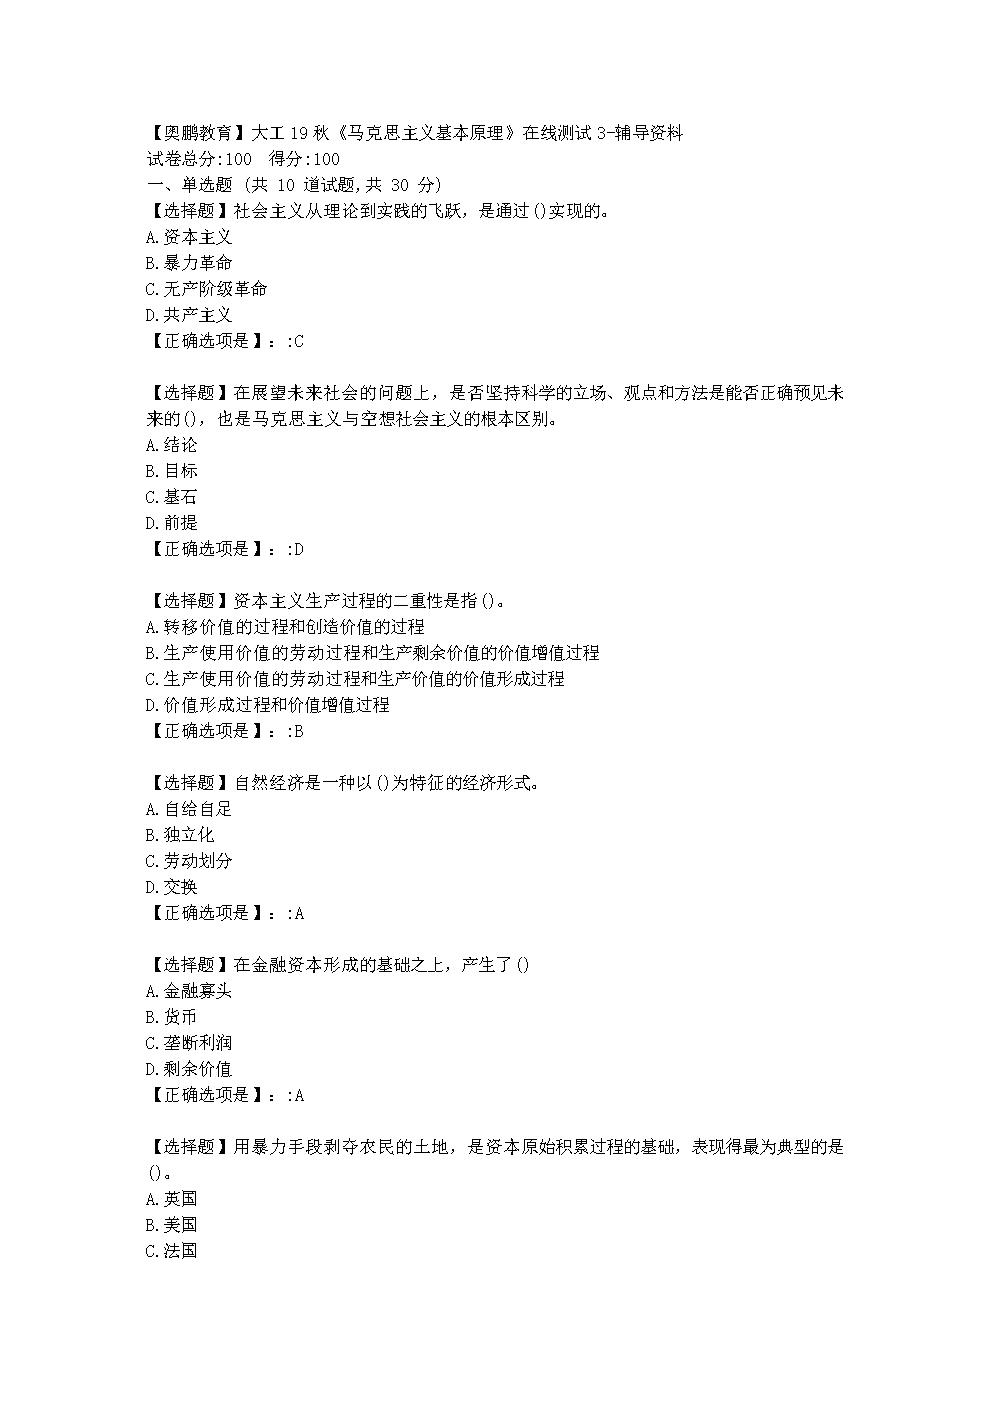 大连理工大学19秋《马克思主义基本原理》在线测试3学习资料.doc